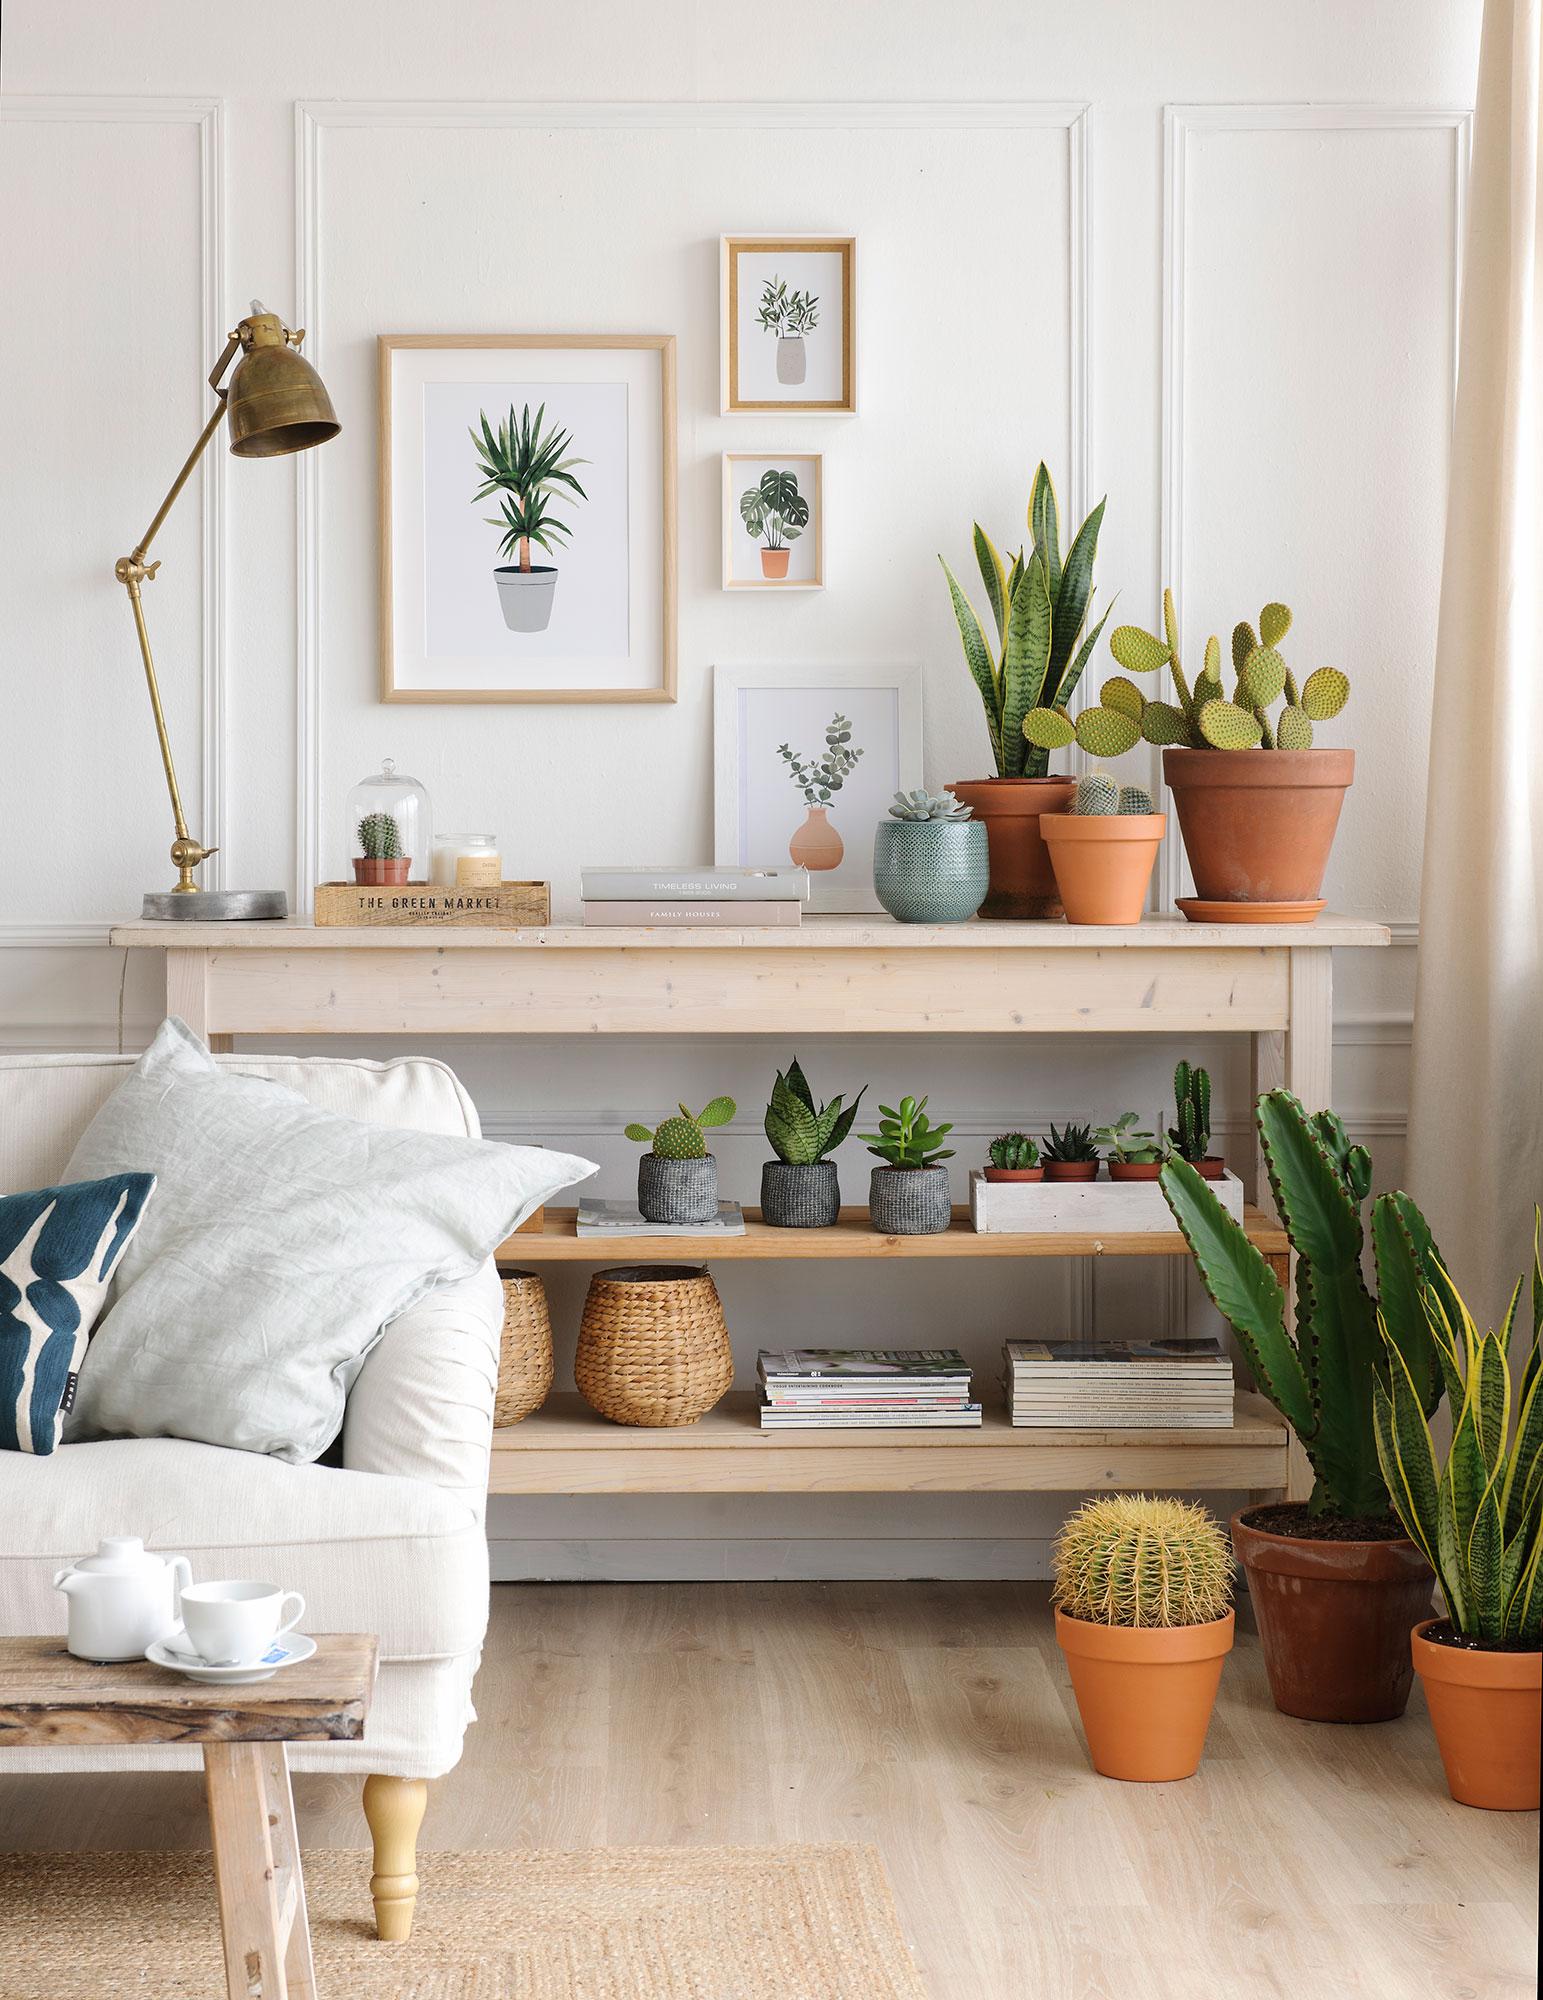 rincon-de-salon-con-mueble-en-estantes-plantas-y-composicion-de-cuadros-con-motivos-vegetales_735980f3